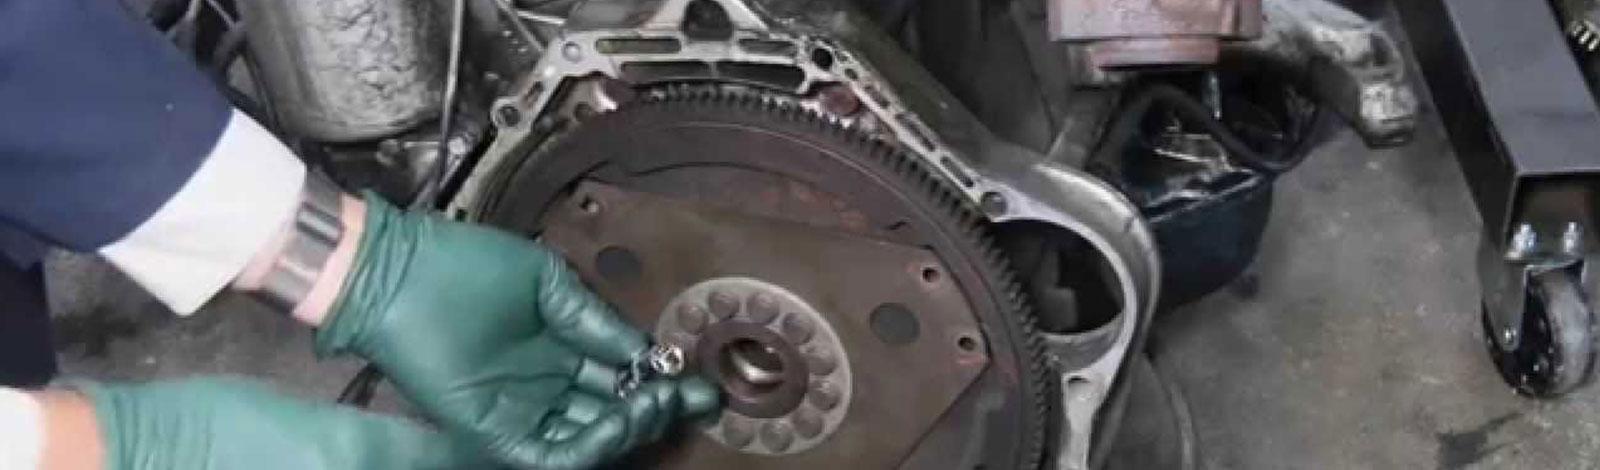 heavy-machine-repairing